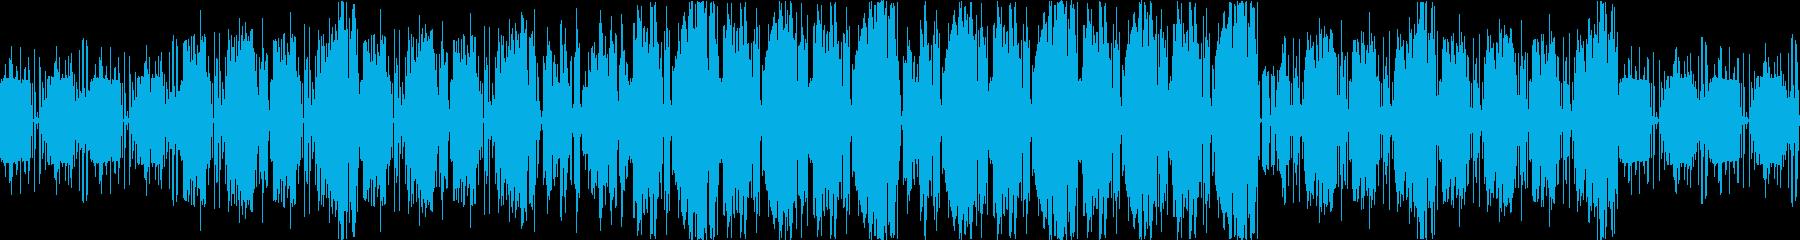 アラビア語。エレトロ。ヒップホップの再生済みの波形